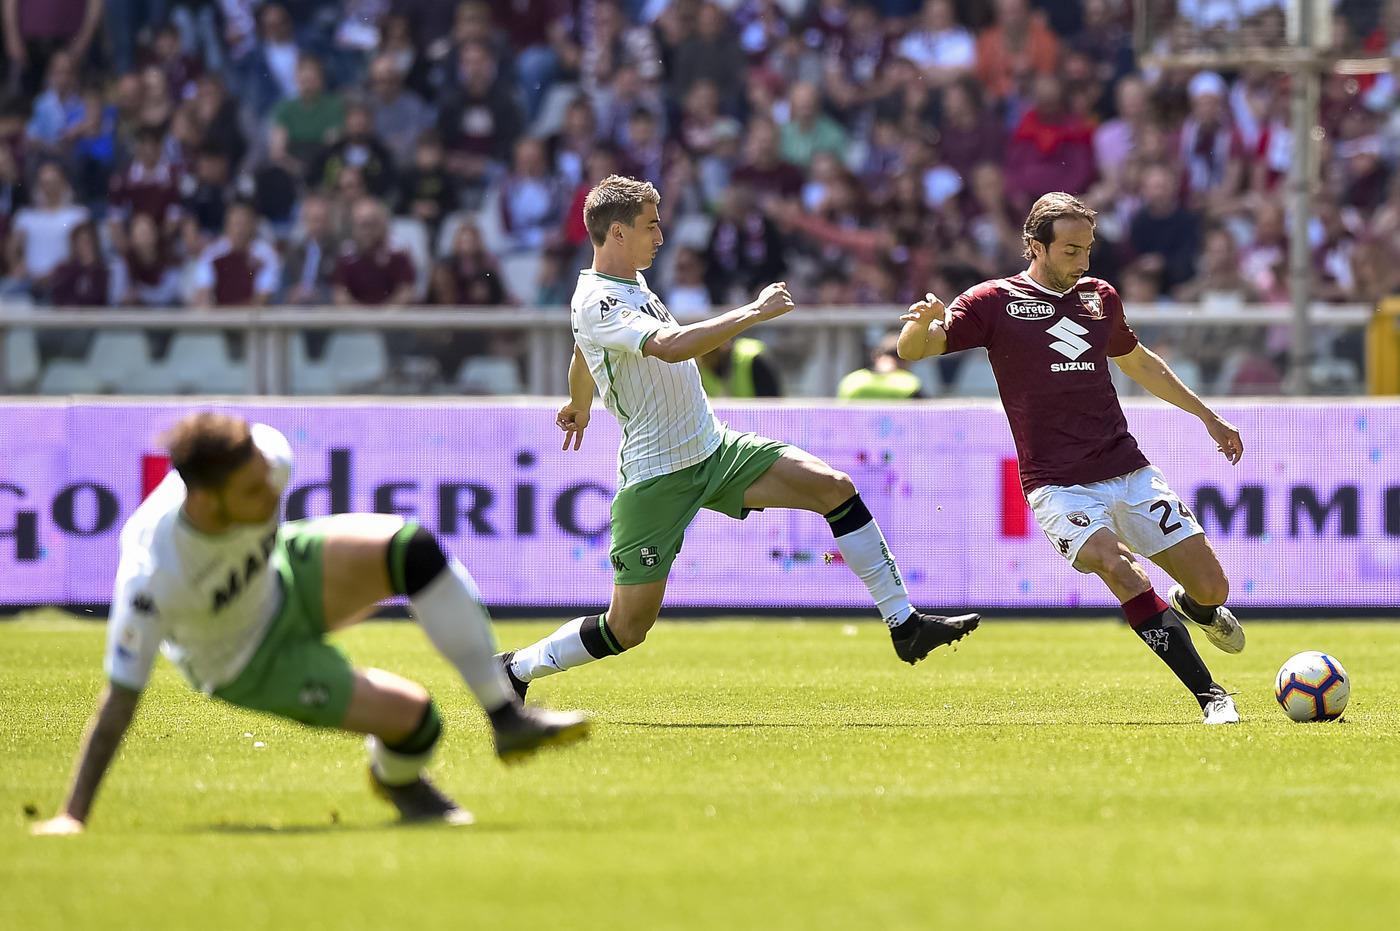 Le immagini del match dell'Olimpico Grande Torino.